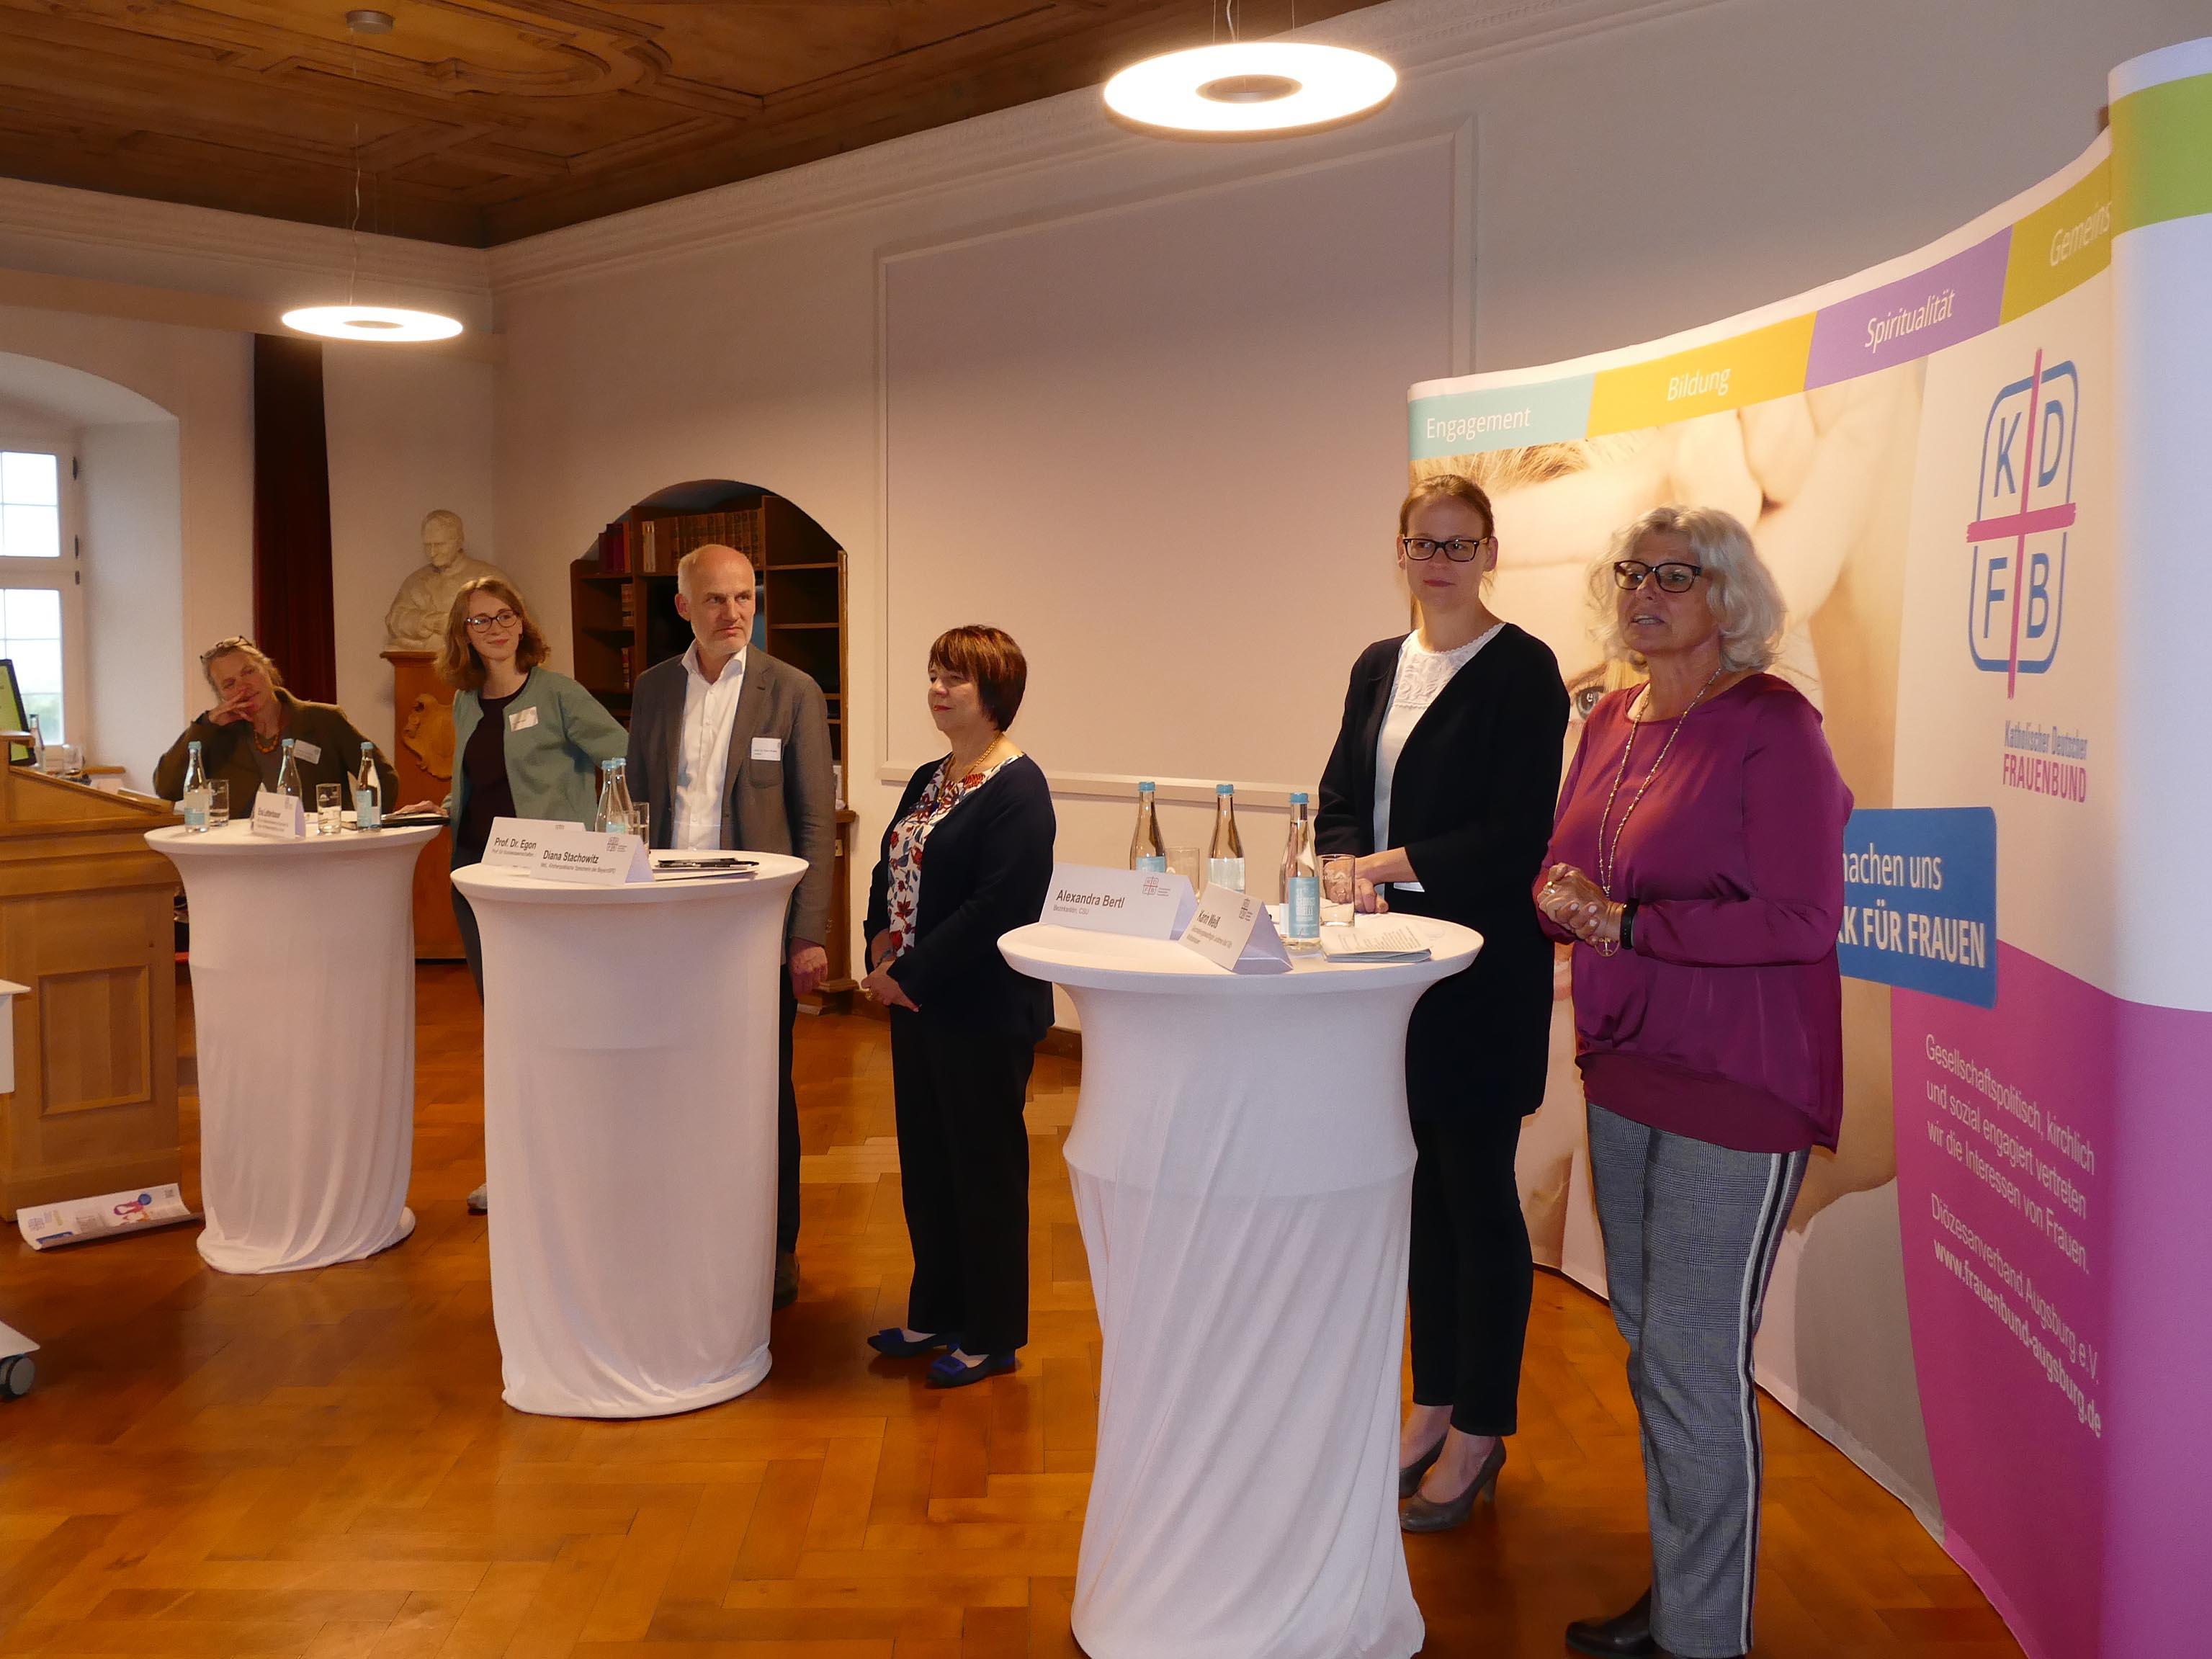 Foto: Elisabeth Böswald-Rid / KDFB